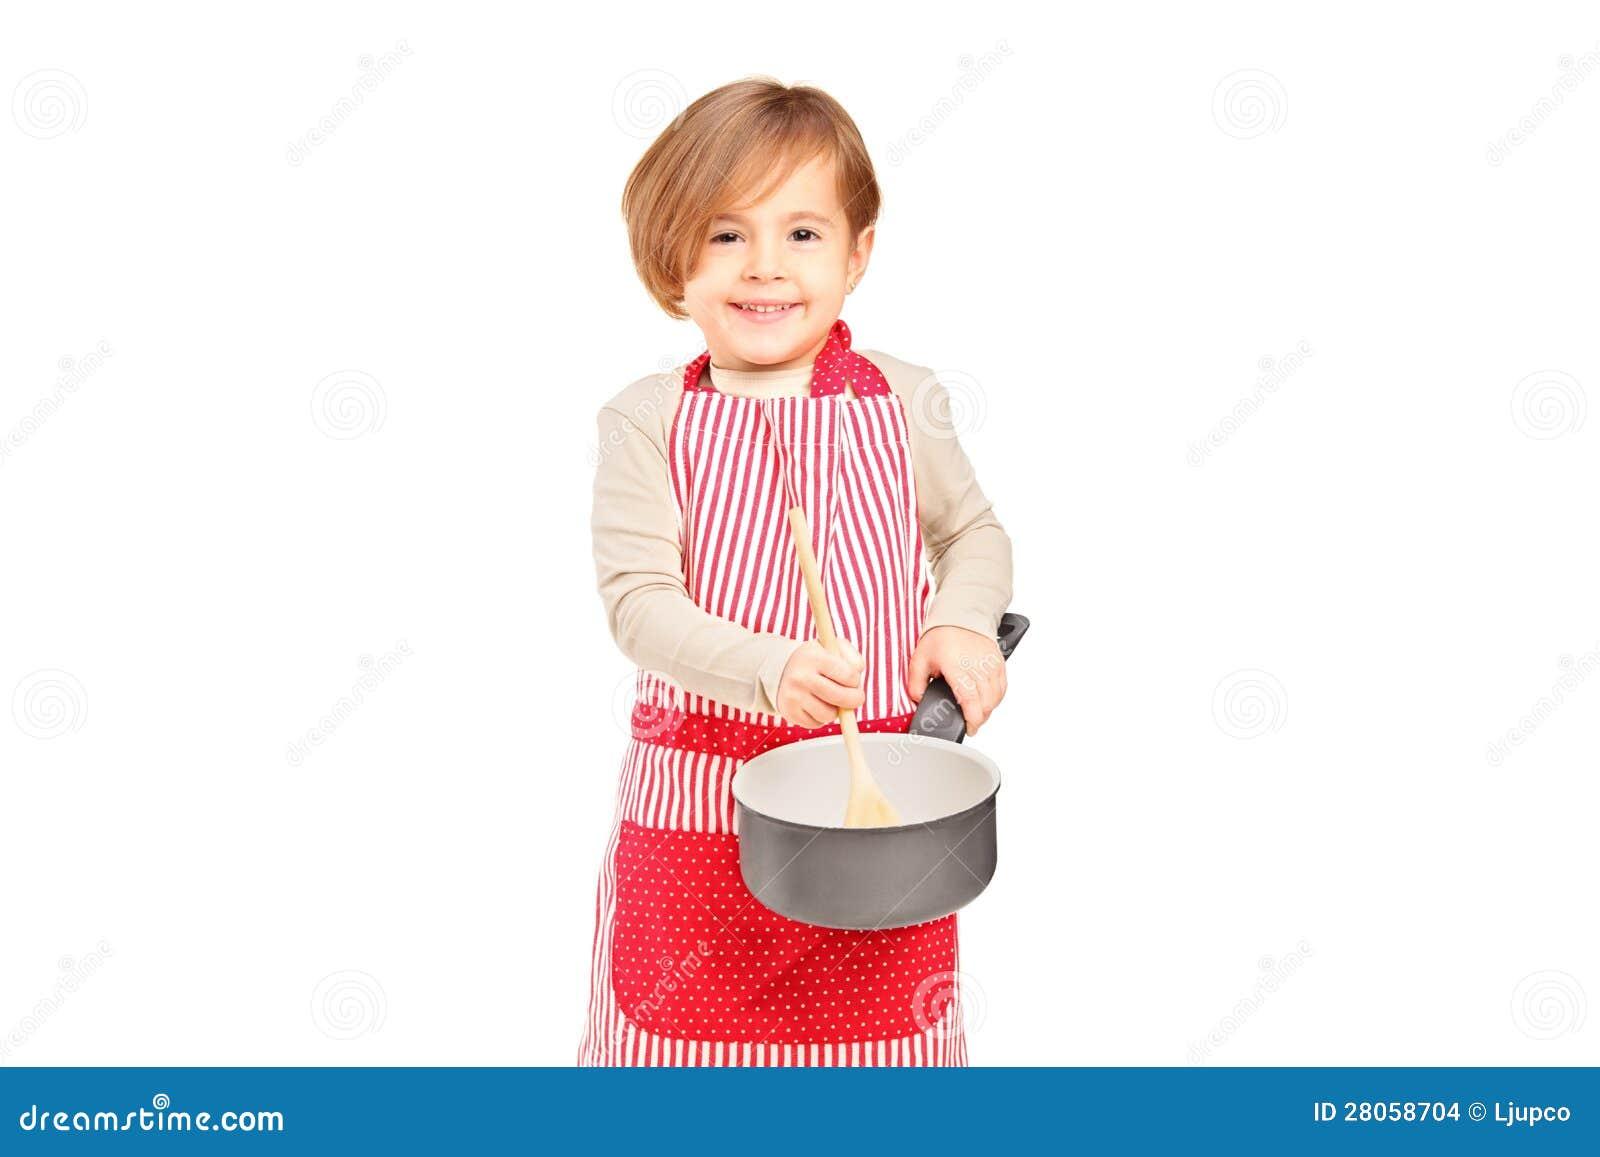 Glimlachend klein meisje dat een pan en keukenwerktuig houdt stock afbeeldingen afbeelding - Kleurenkamer klein meisje ...